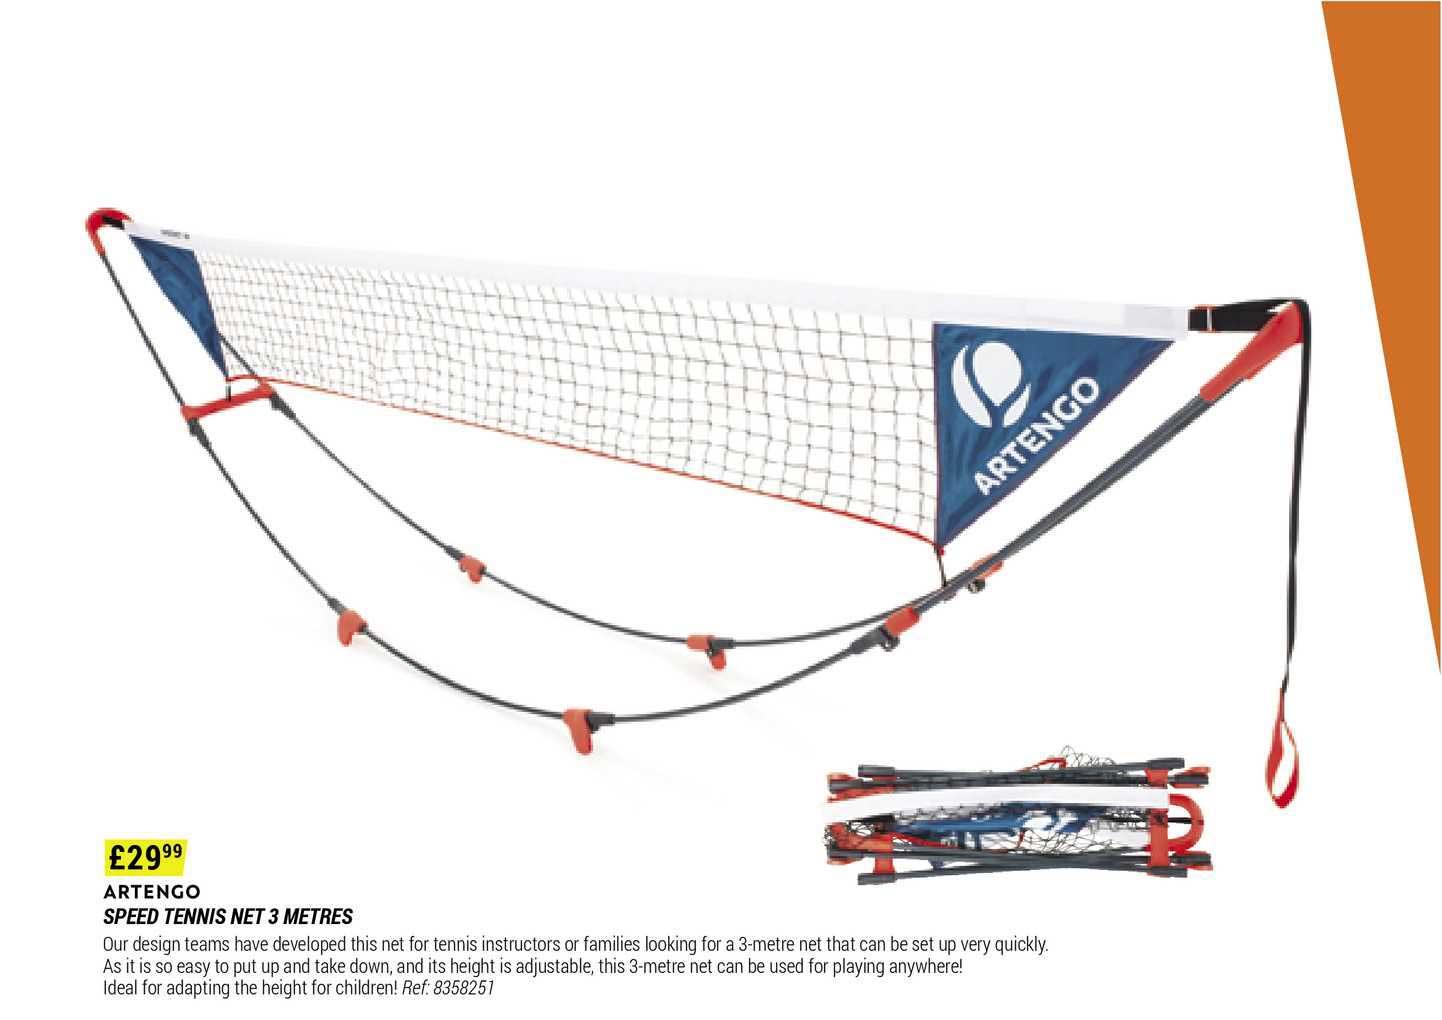 Decathlon Artengo Speed Tennis Net 3 Metres